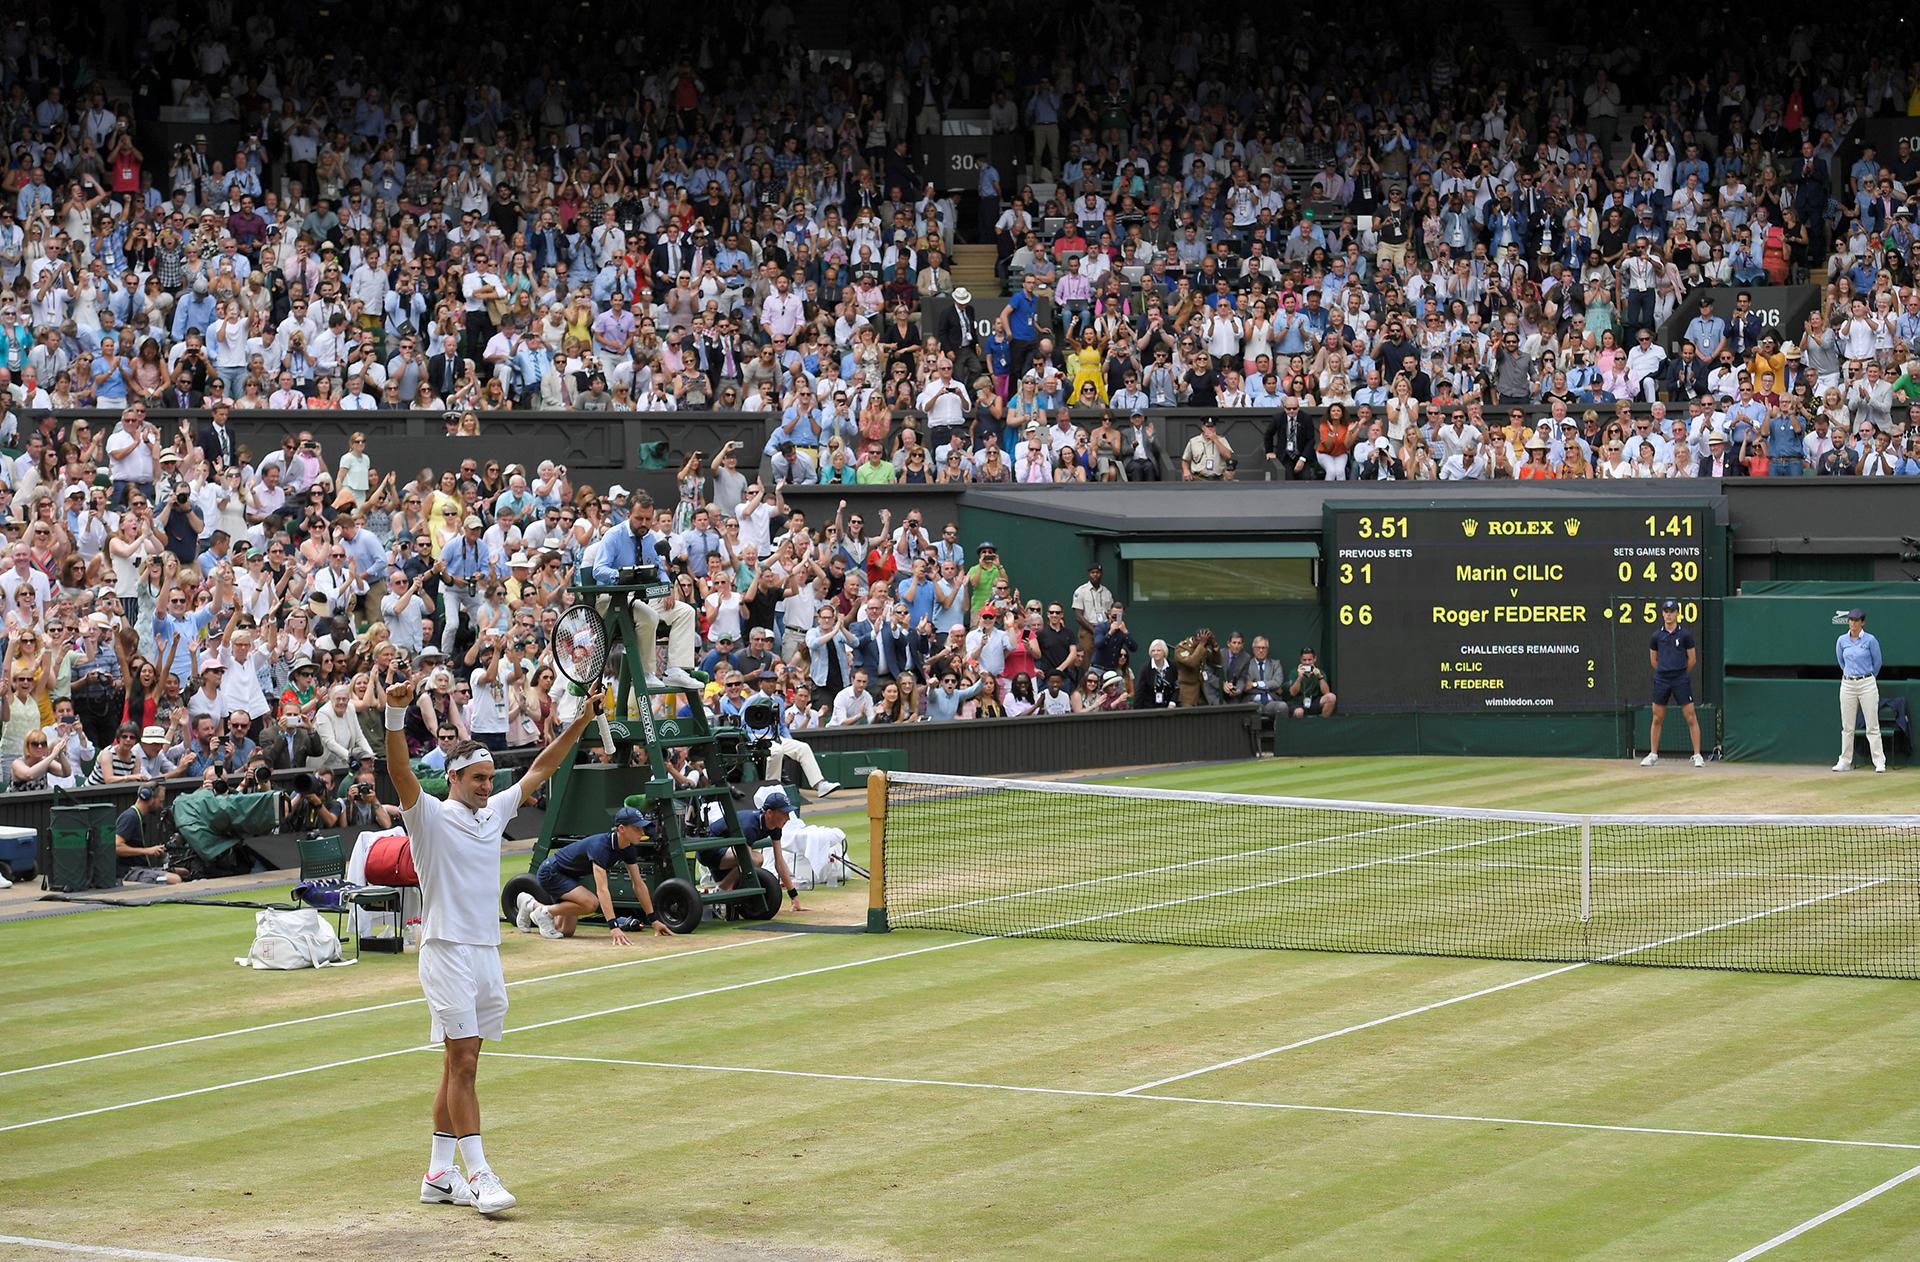 Roger agradece el cariño del público en la Catedral del tenis REUTERS/Toby Melville